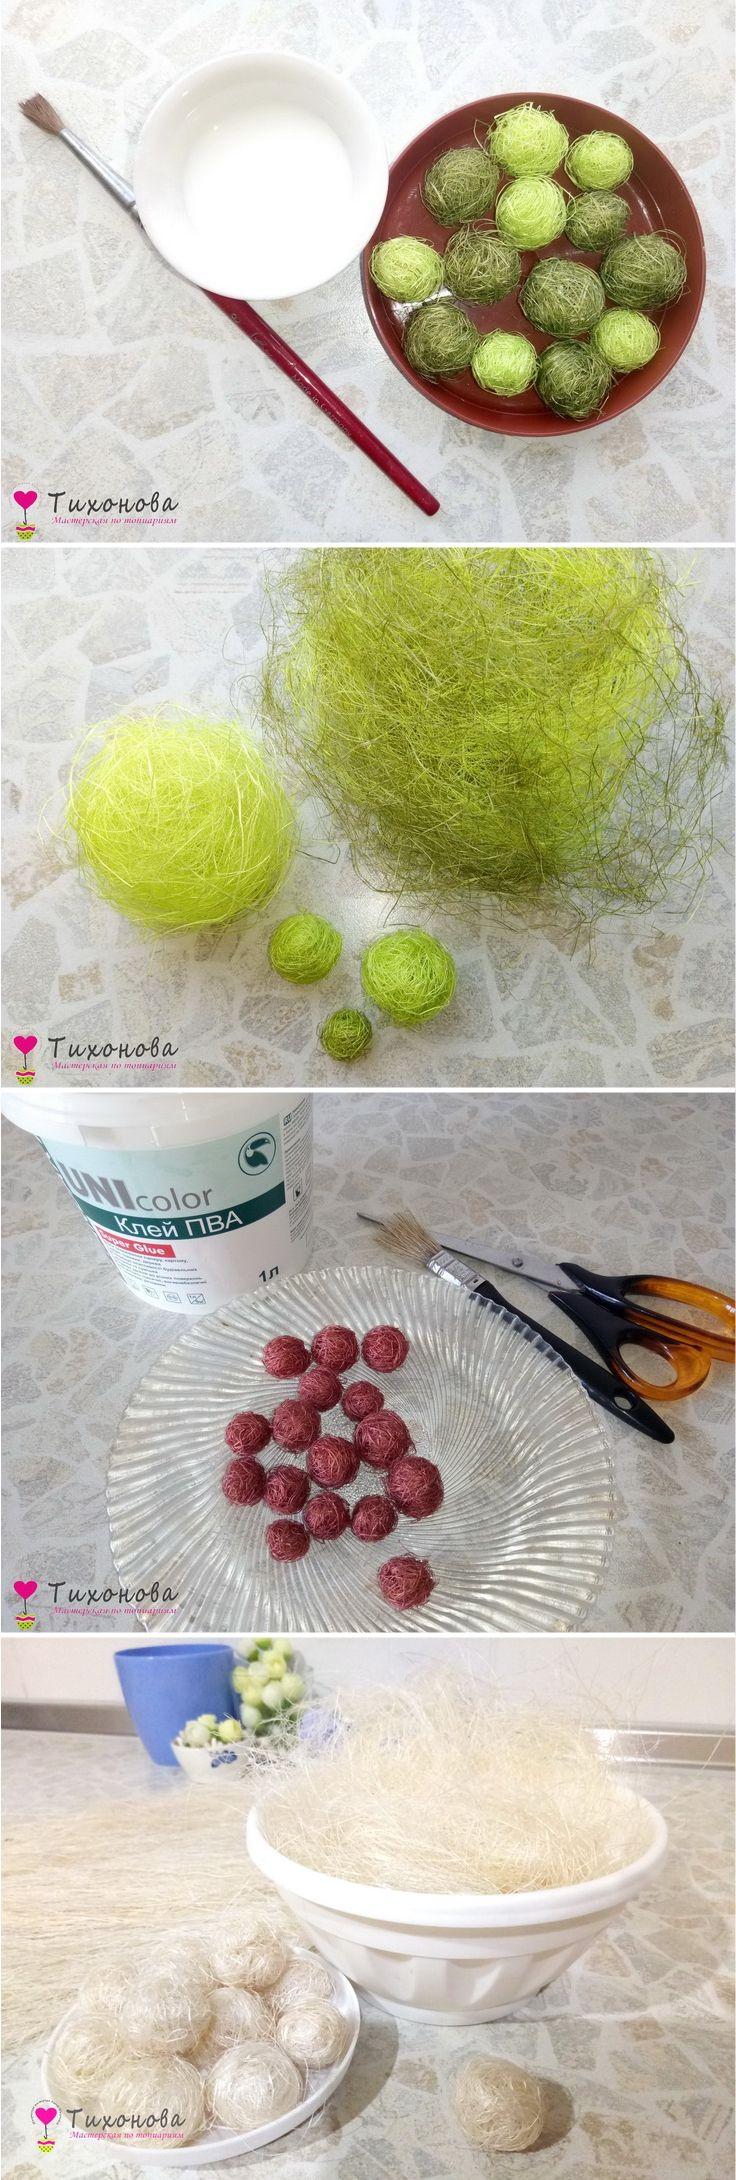 Как сделать шарики из сизаля - пошаговый мастер-класс с фото и видео, как скатать сизалевые шарики из волокна. | How to make sisal balls - step-by-step master-class.